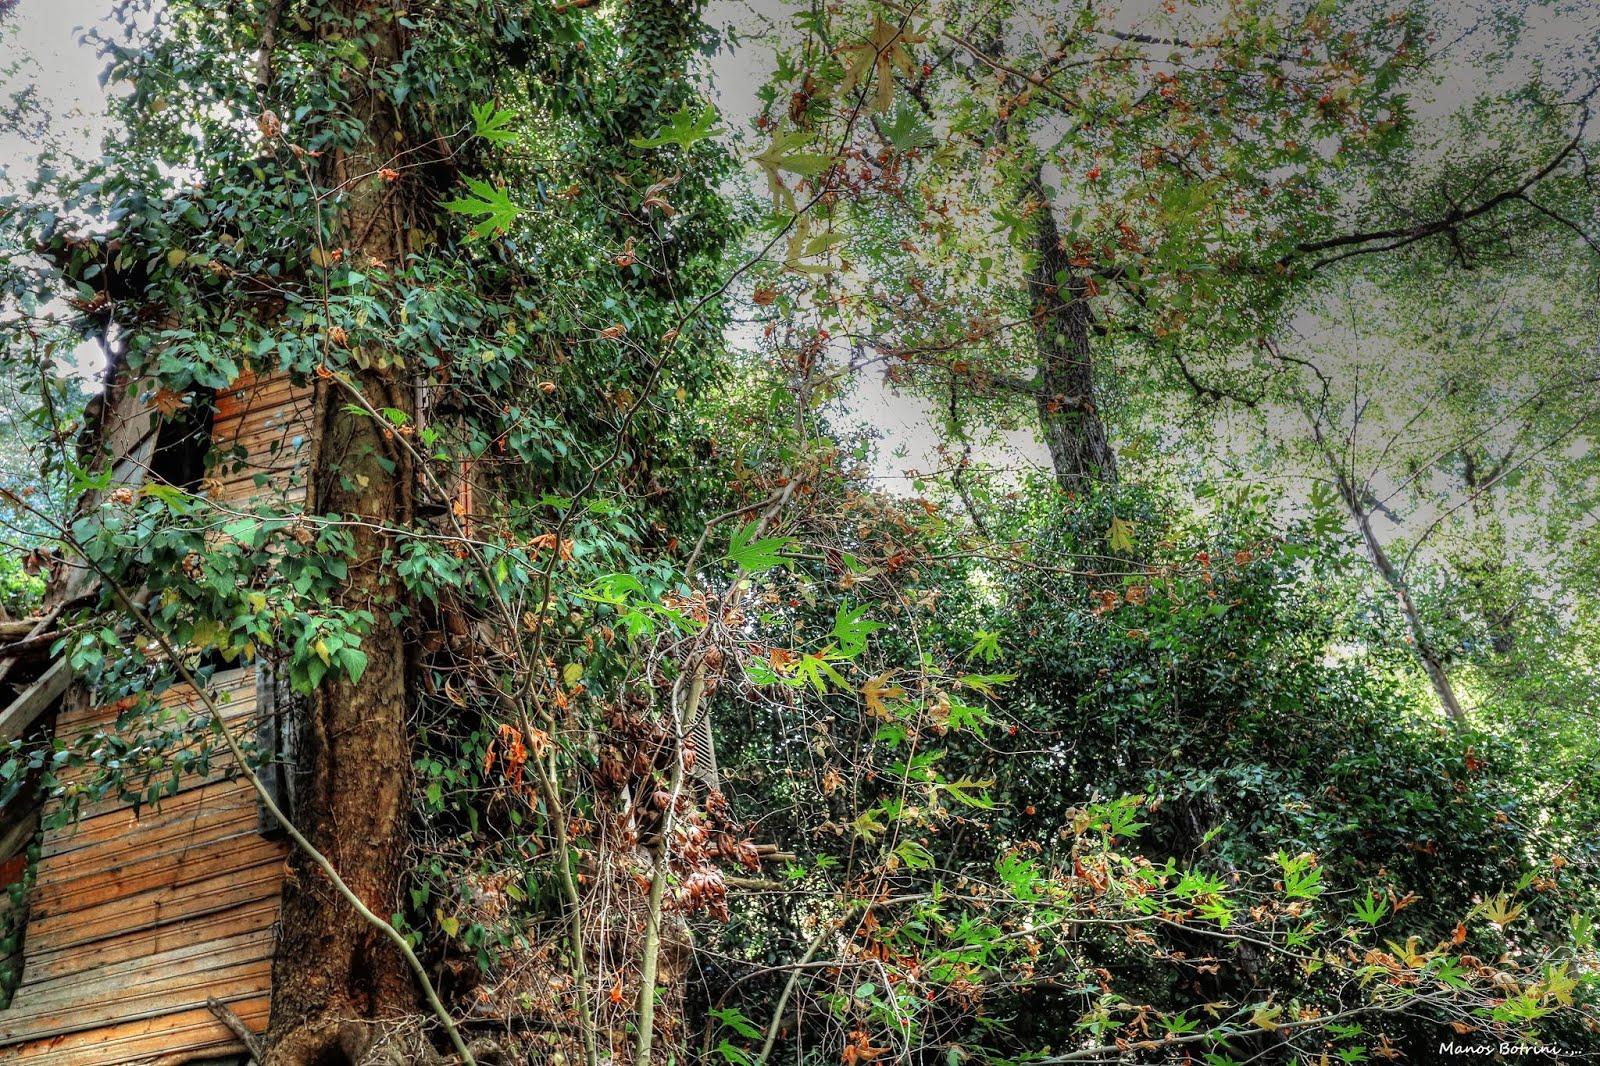 Πασχαλινή περιπέτεια βγαλμένη από παραμύθι: Παιδάκι χάθηκε στο δάσος και αποκοιμήθηκε